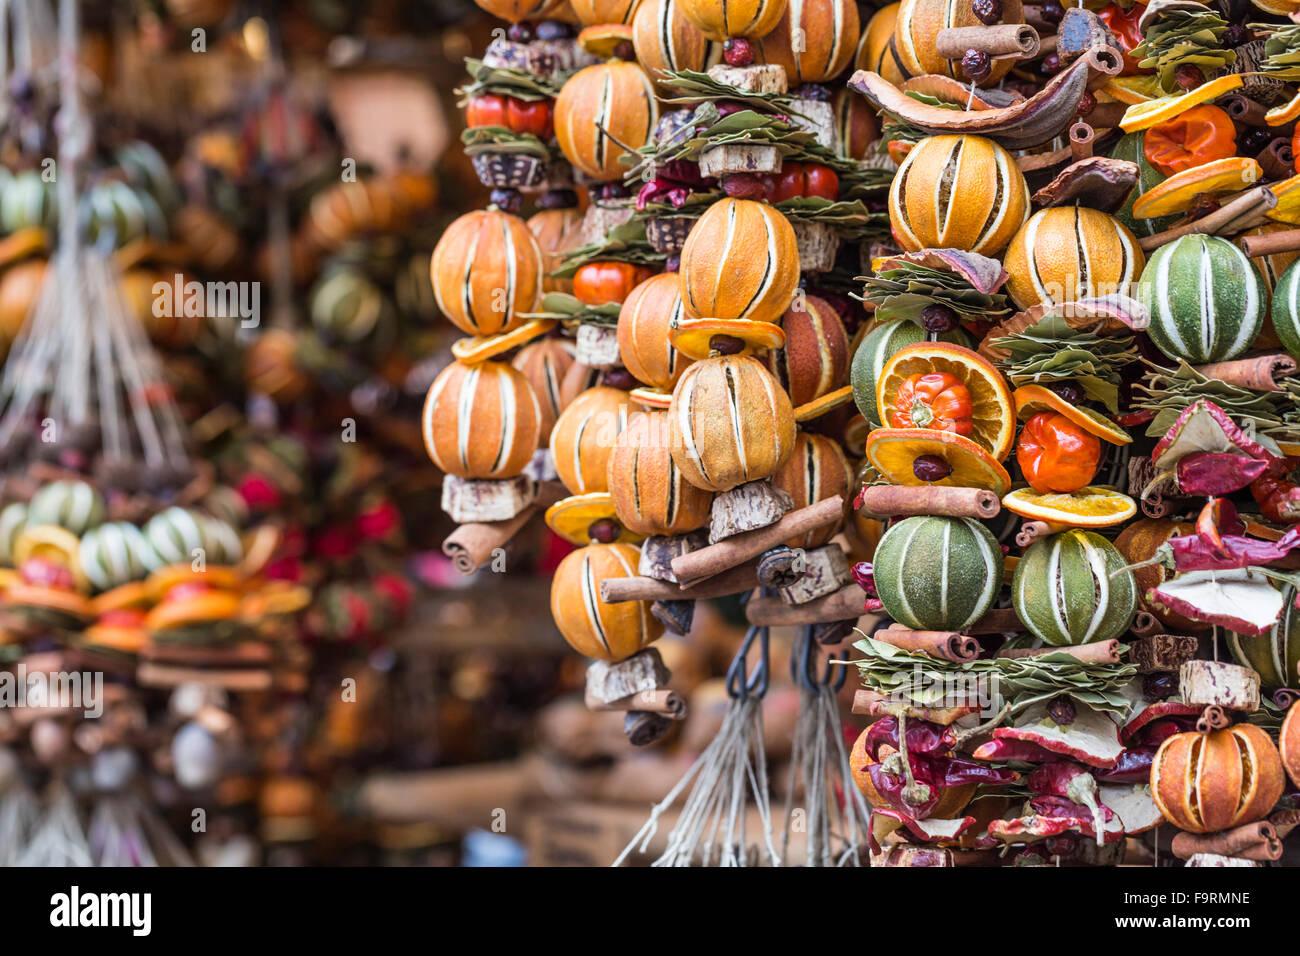 Decorazioni Natalizie Con Frutta Secca.Le Decorazioni Di Natale Fatte Con Frutta Secca Ghirlanda Di Natale Coroncina Per Decorare Albero Di Natale Fatta In Casa Decorazioni Venduto Foto Stock Alamy